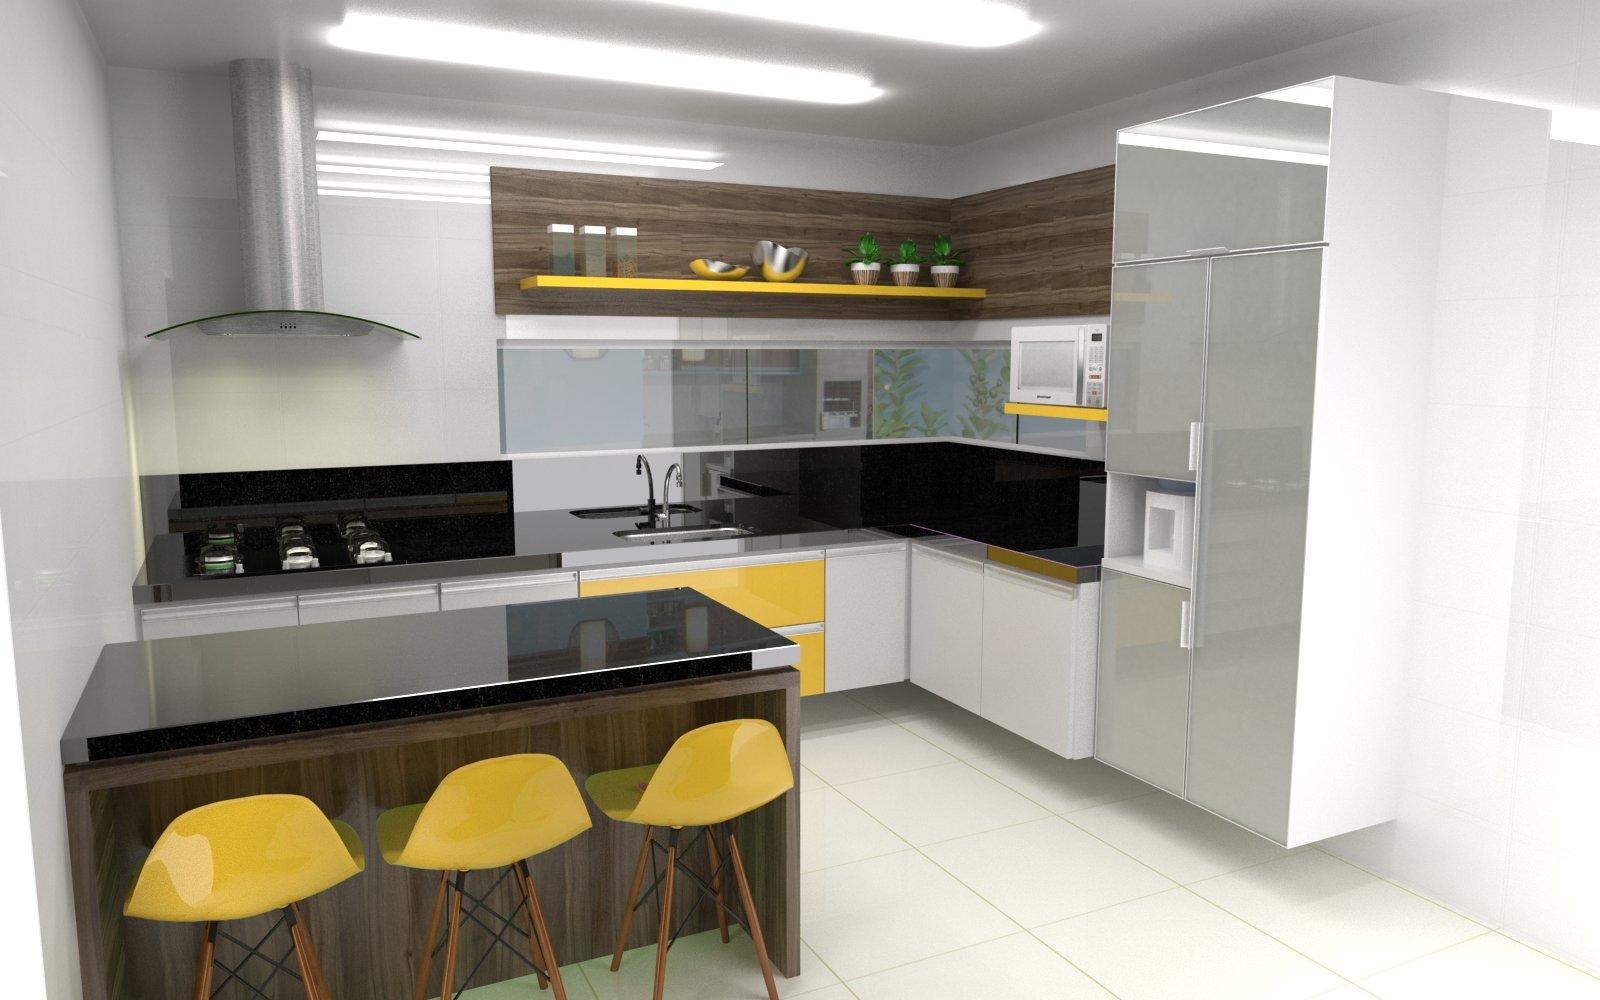 #AB8920 Belenetto Marcenaria Personalizada: Cozinha Mikel São Mateus 1600x1000 px A Cozinha Mais Recente Projeta Fotos_836 Imagens